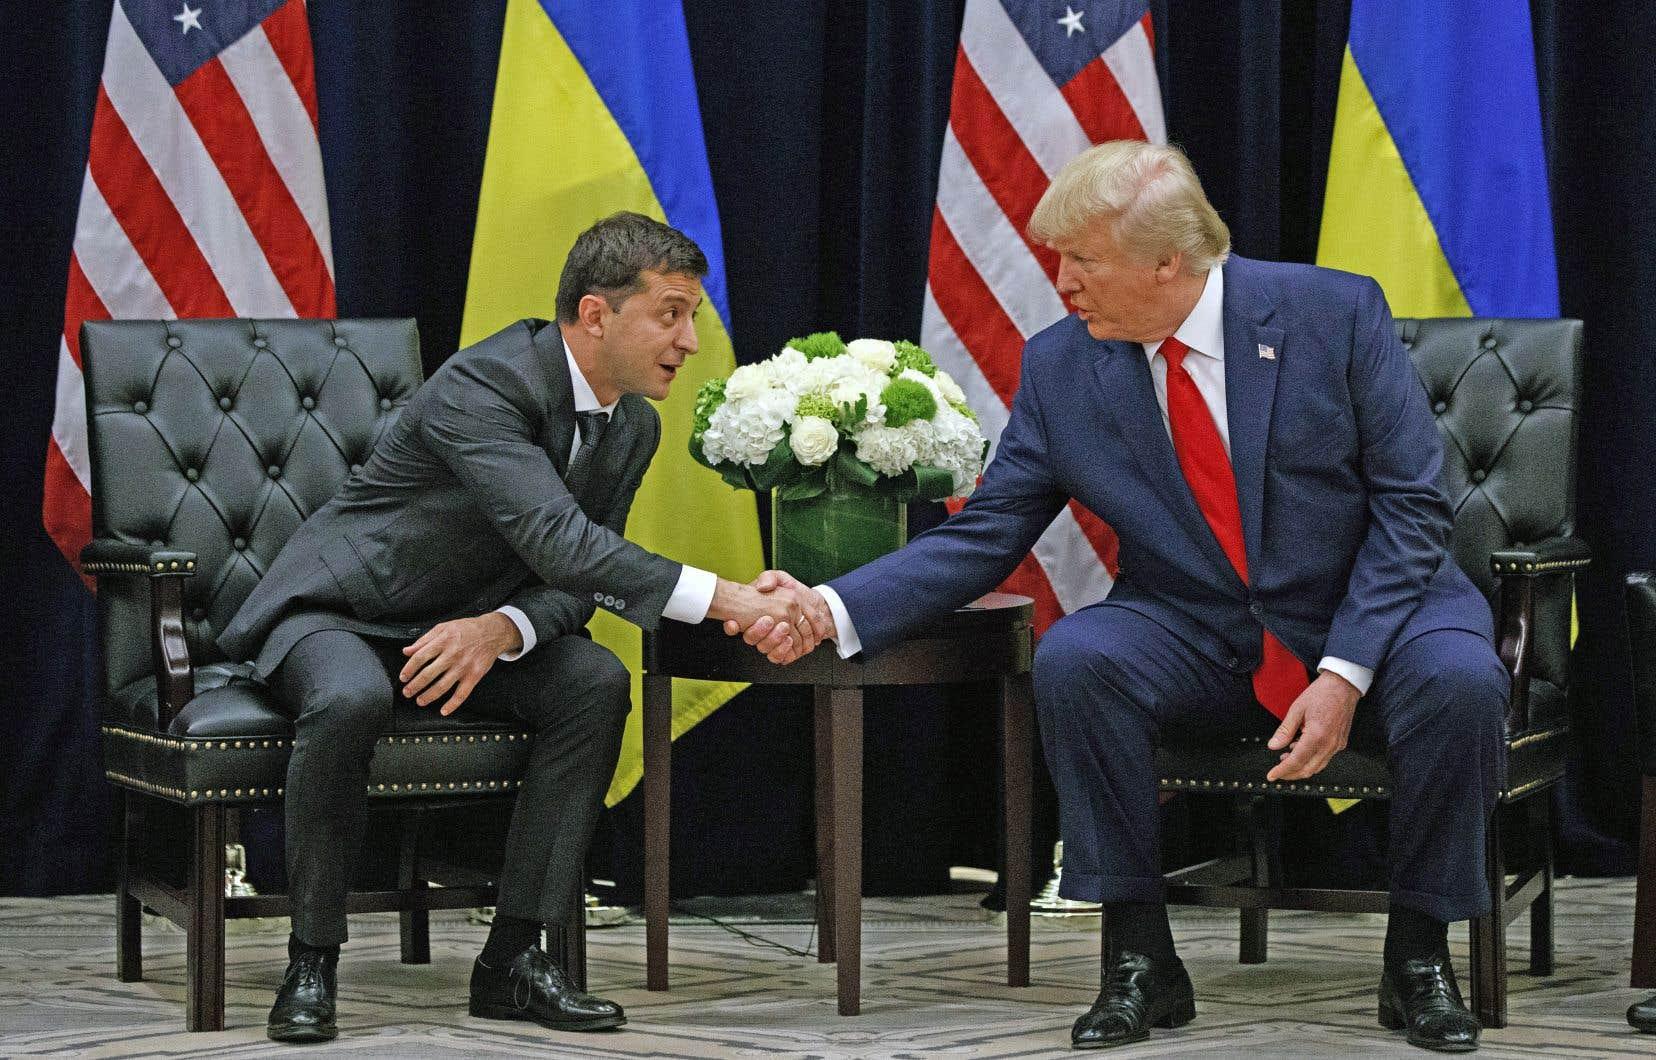 La scène était particulière dans les circonstances: Donald Trump (à droite) ayant une rencontre bilatérale à l'ONU avec le président ukrainien au moment où une procédure de destitution est lancée contre le président américain en raison des pressions qu'il aurait exercées sur Volodymyr Zelensky (à gauche) pour qu'il enquête sur Joe Biden et son fils.